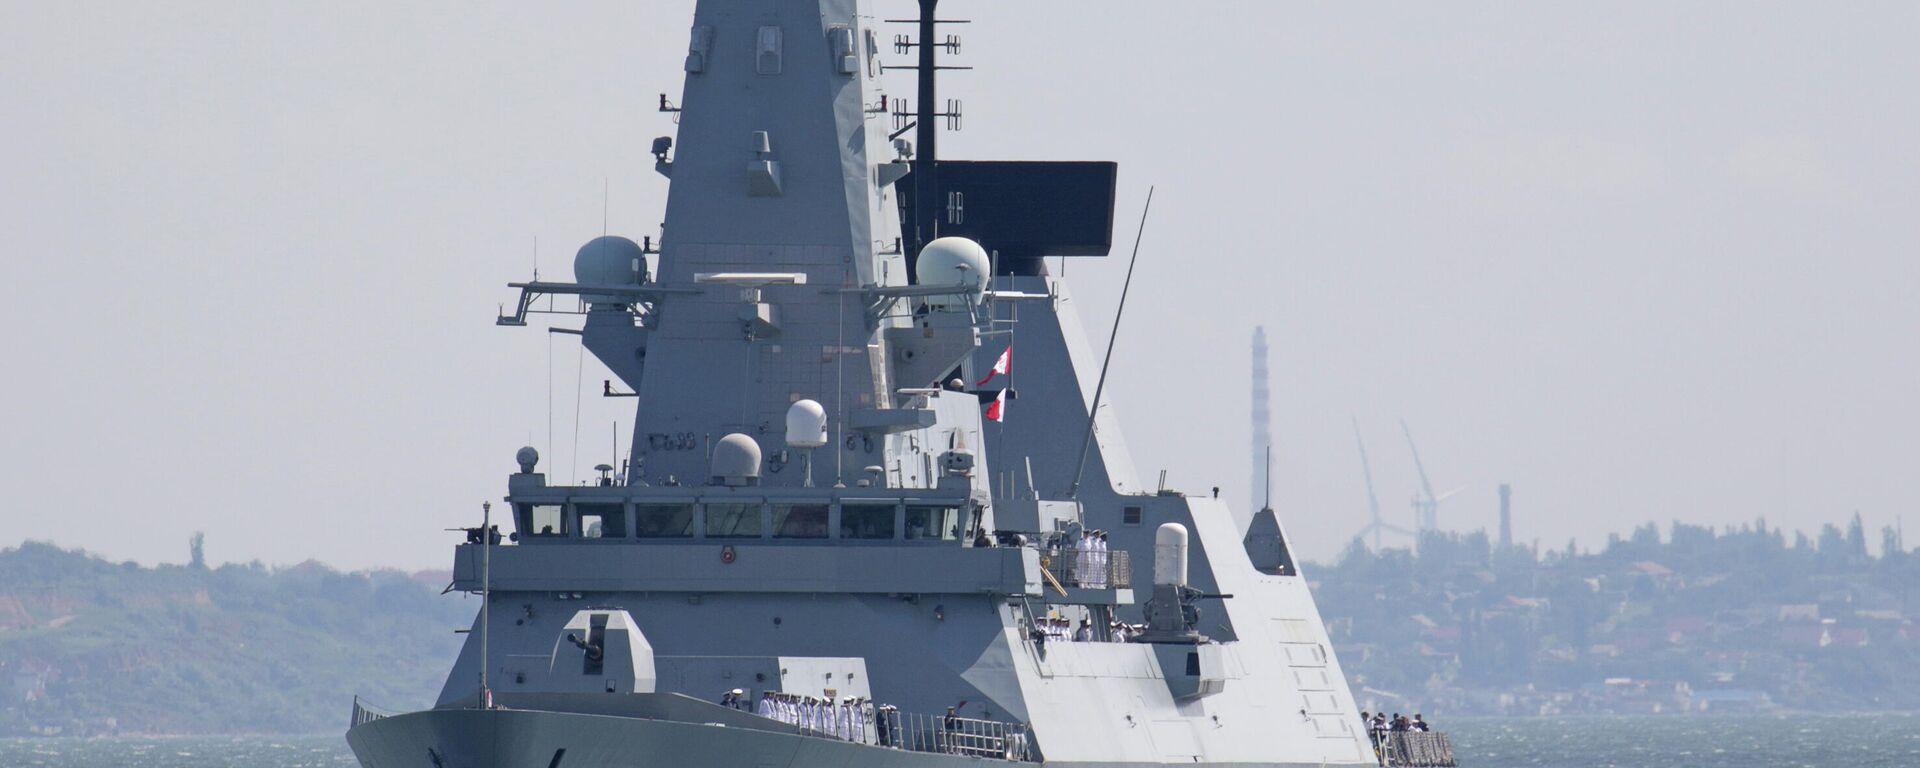 Эсминец Defender ВМС Великобритании  - Sputnik Таджикистан, 1920, 25.06.2021